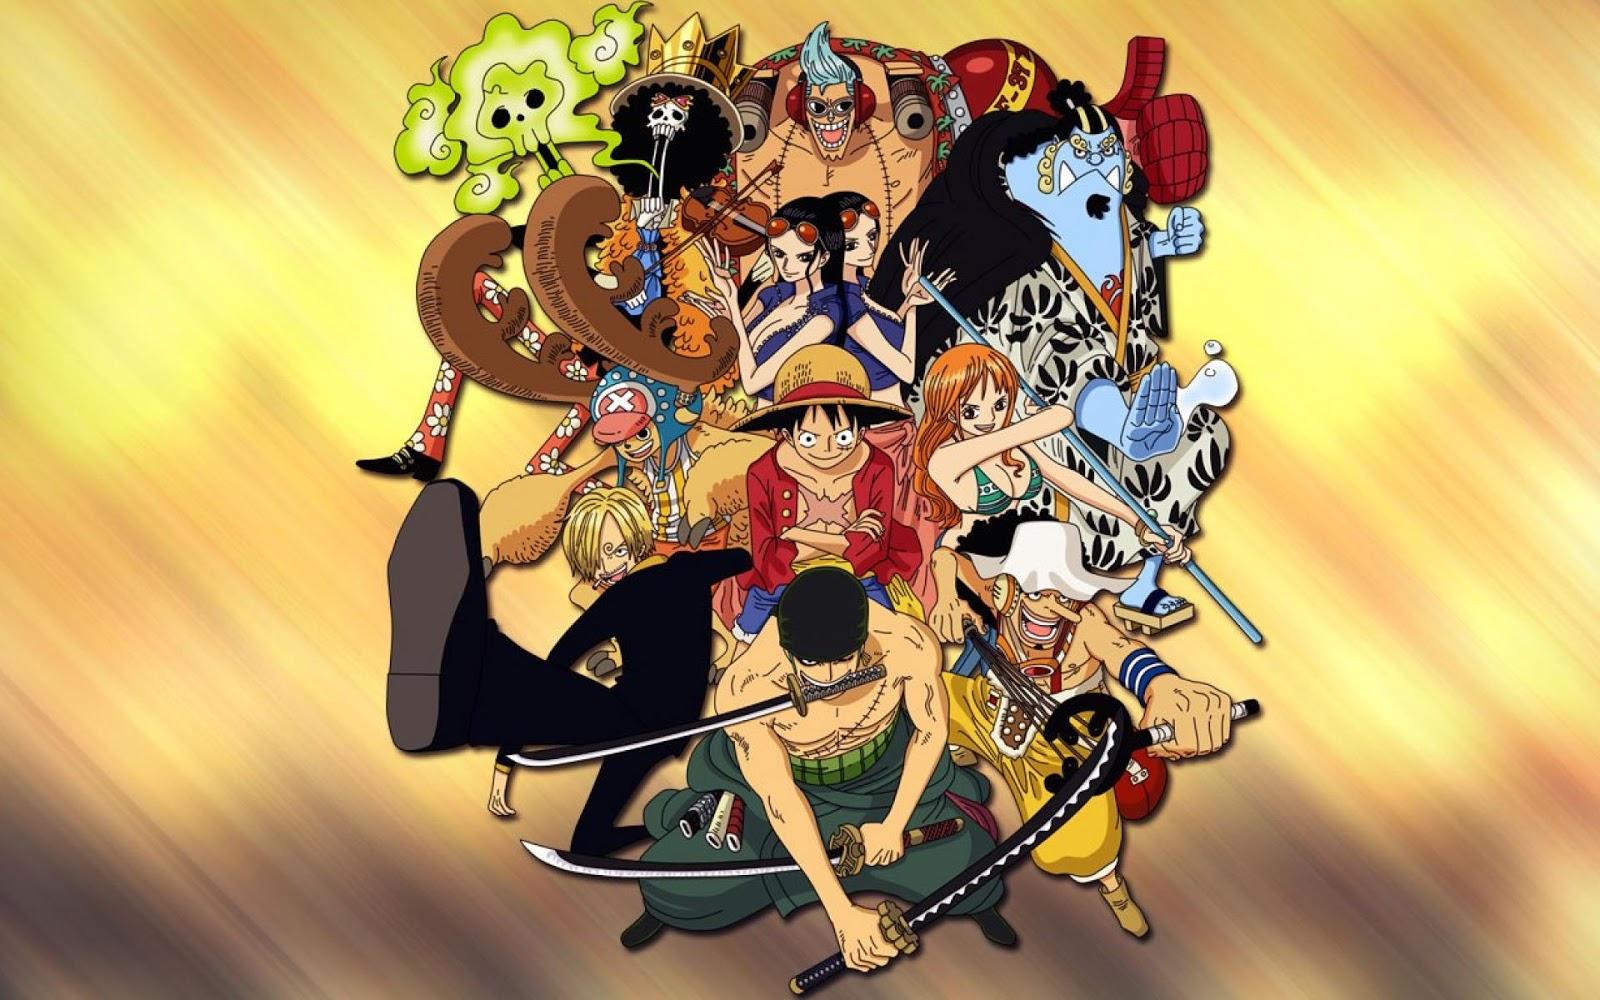 Kumpulan Wallpaper Hp One Piece Gasebo Wallpaper